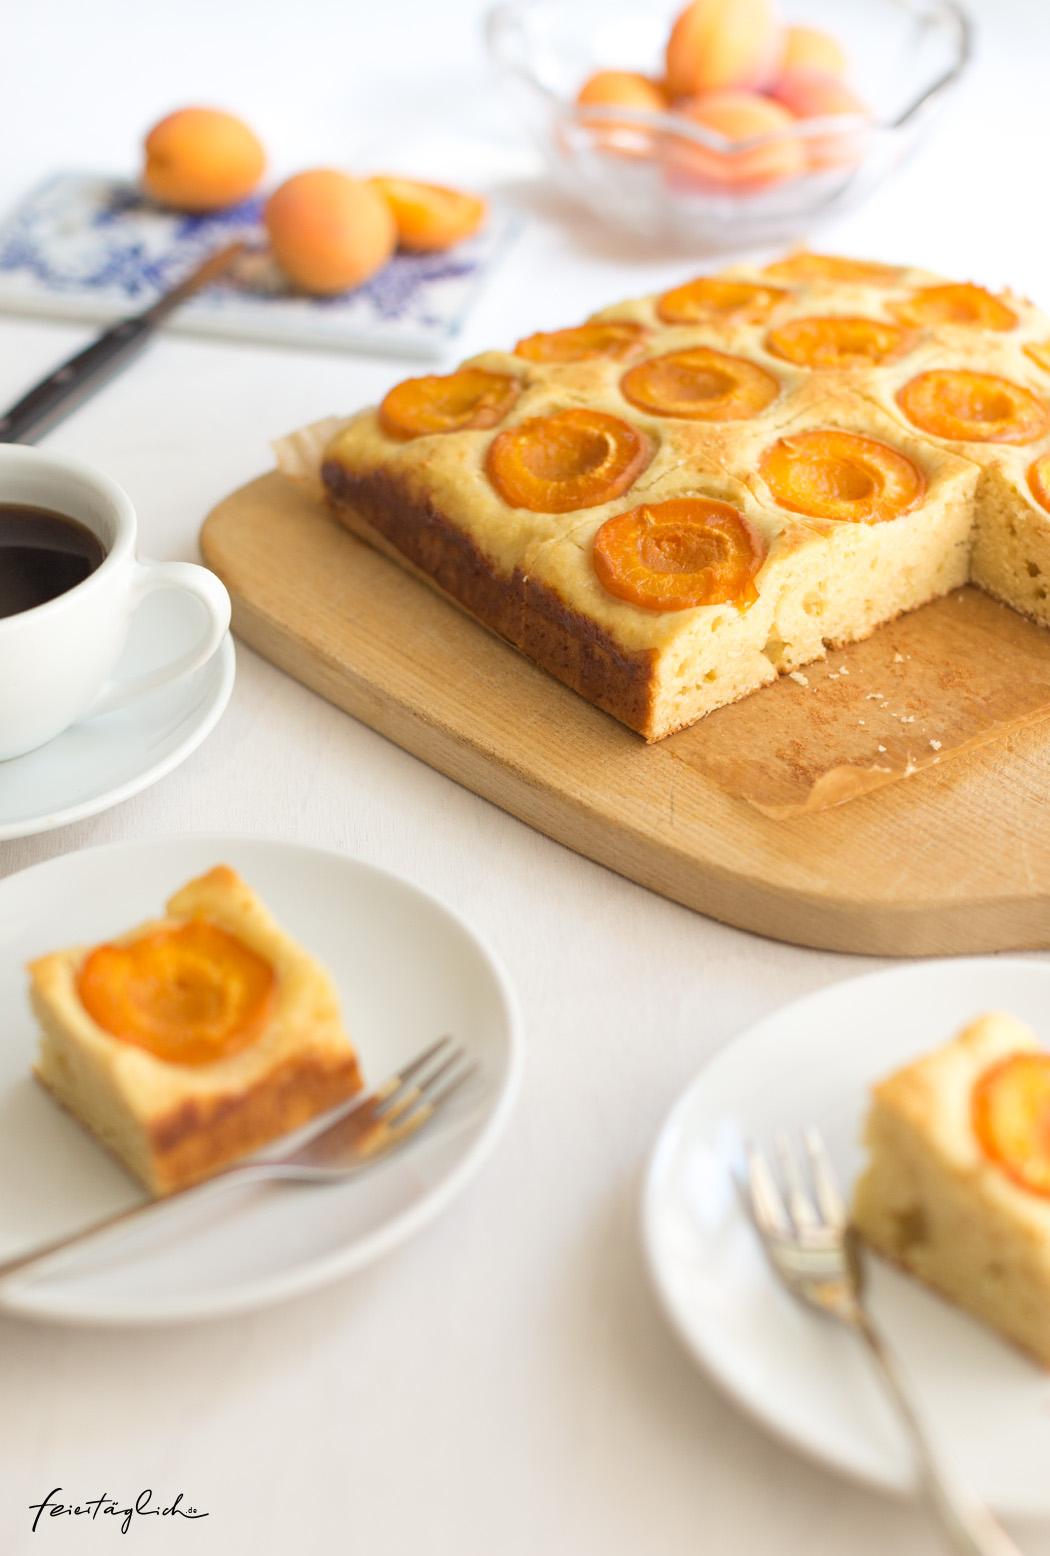 Saftiger Aprikosenkuchen mit Ricotta im schnellen Rührteig, #rührkuchen #kuchen #aprikosenkuchen